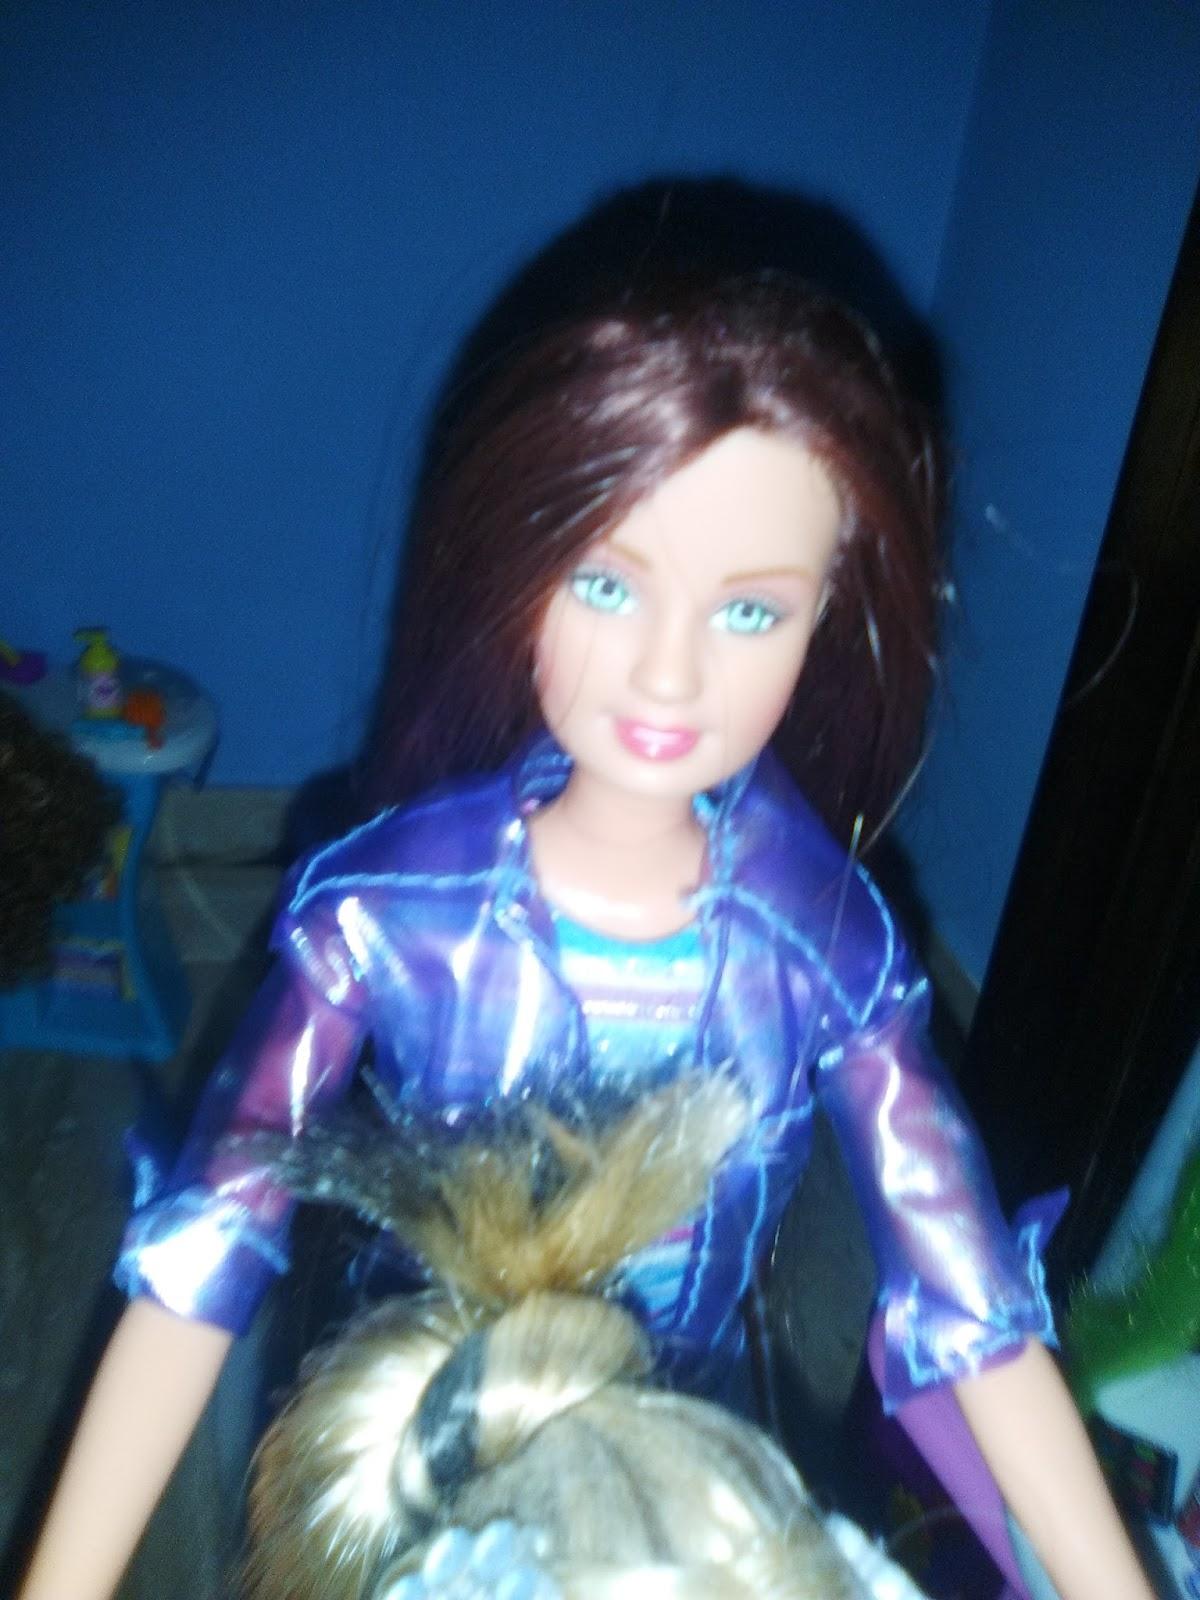 juegos de maquillar vestir y peinar juegos de maquillar  - Barbie Peinados Juegos